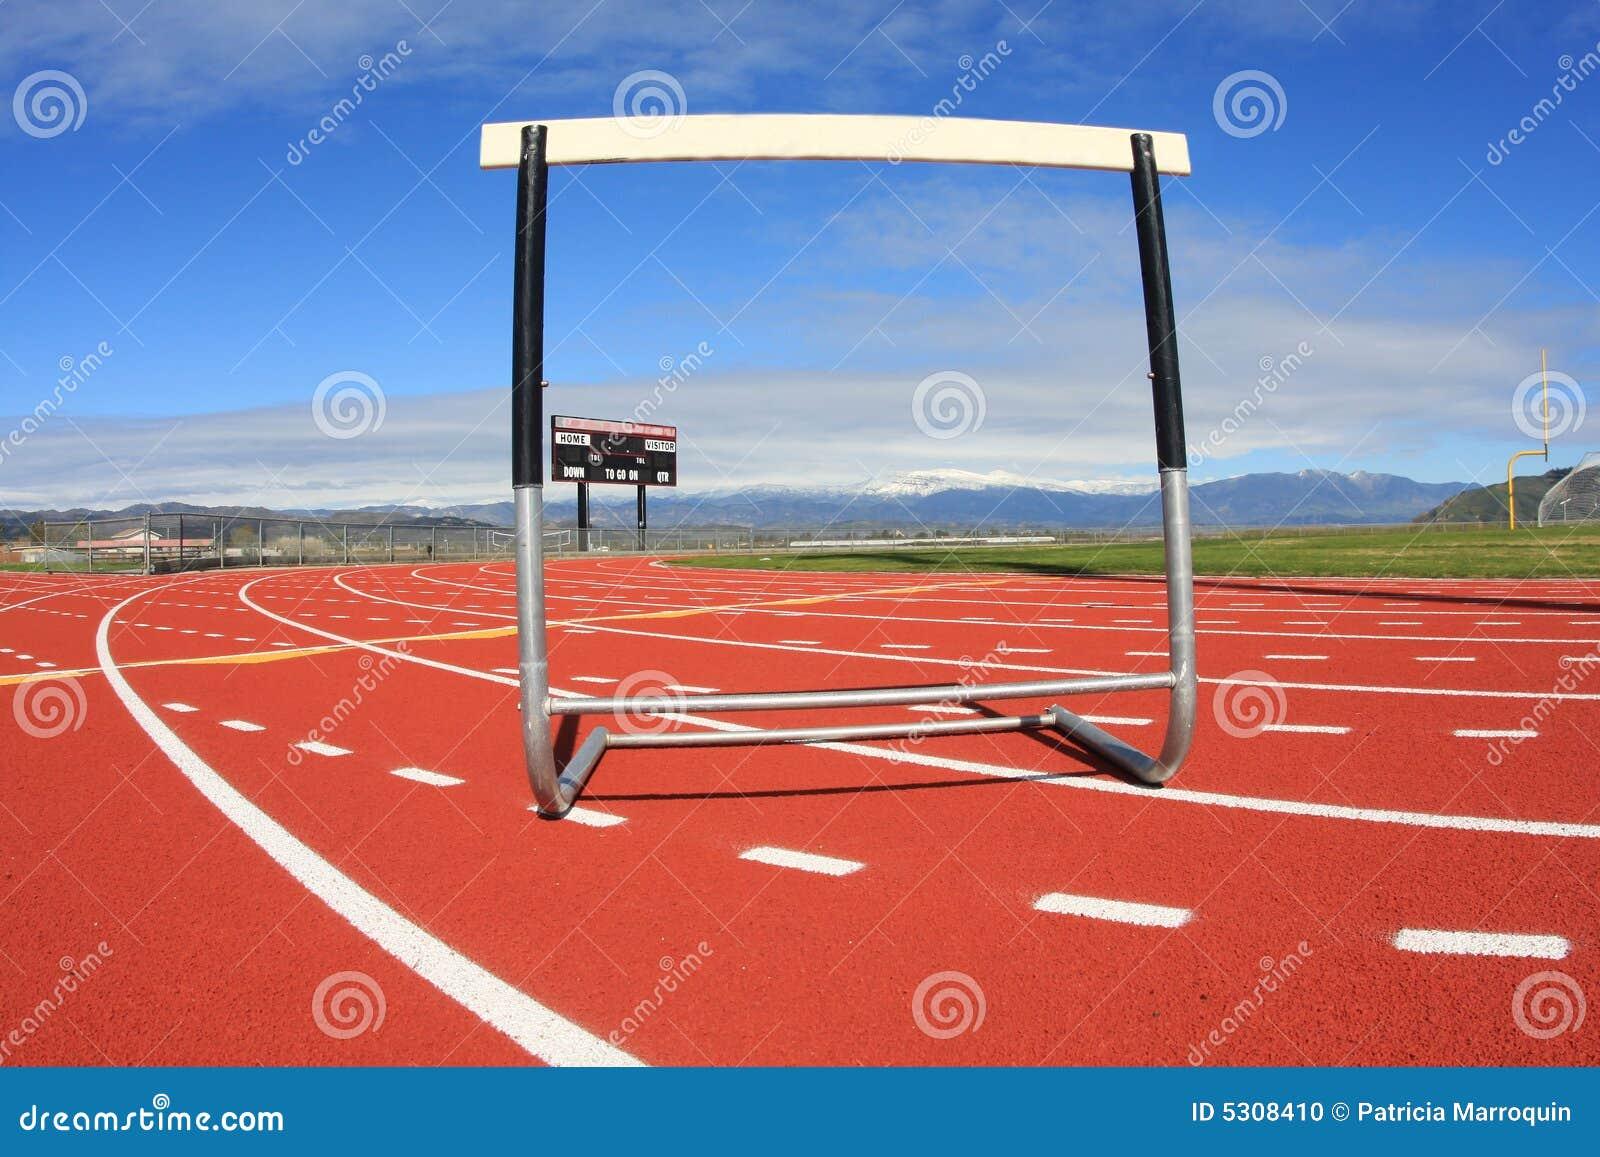 Superando obstáculos da vida